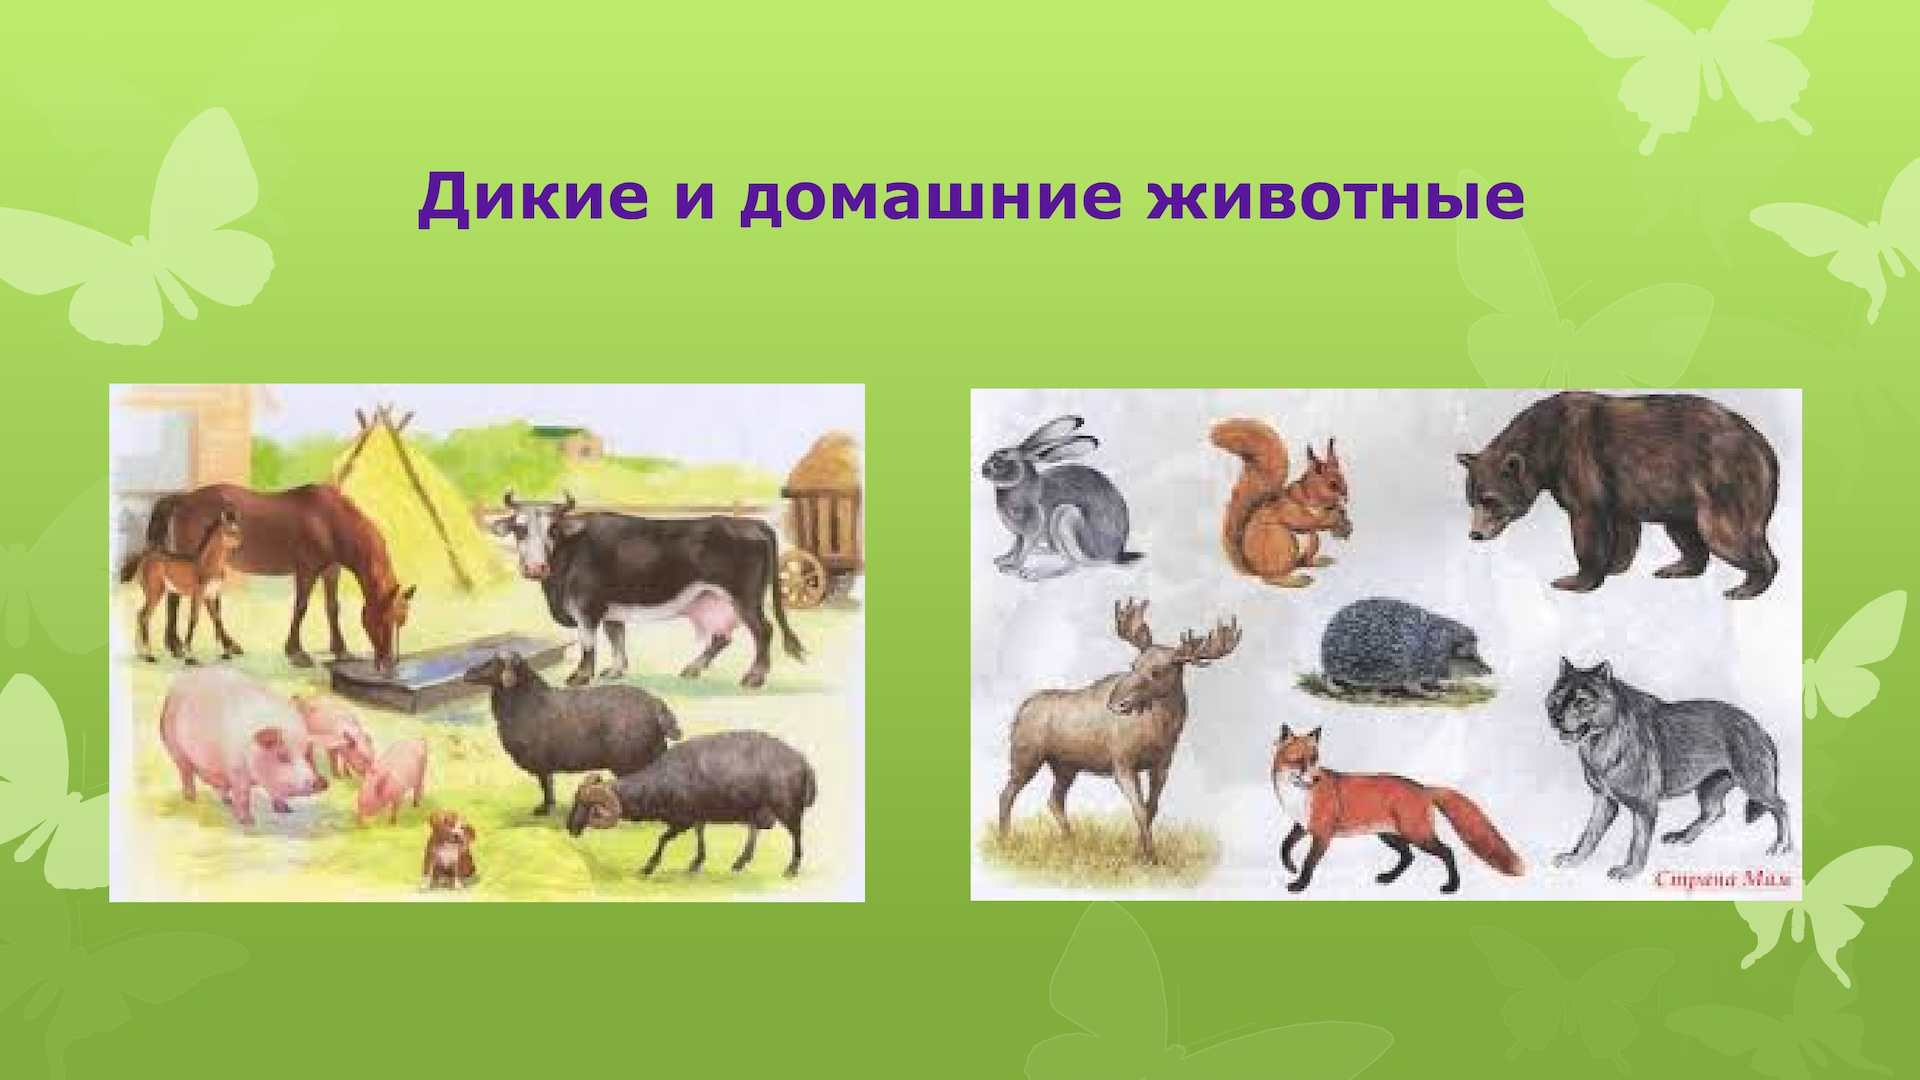 Фото дикие и домашние животные детям